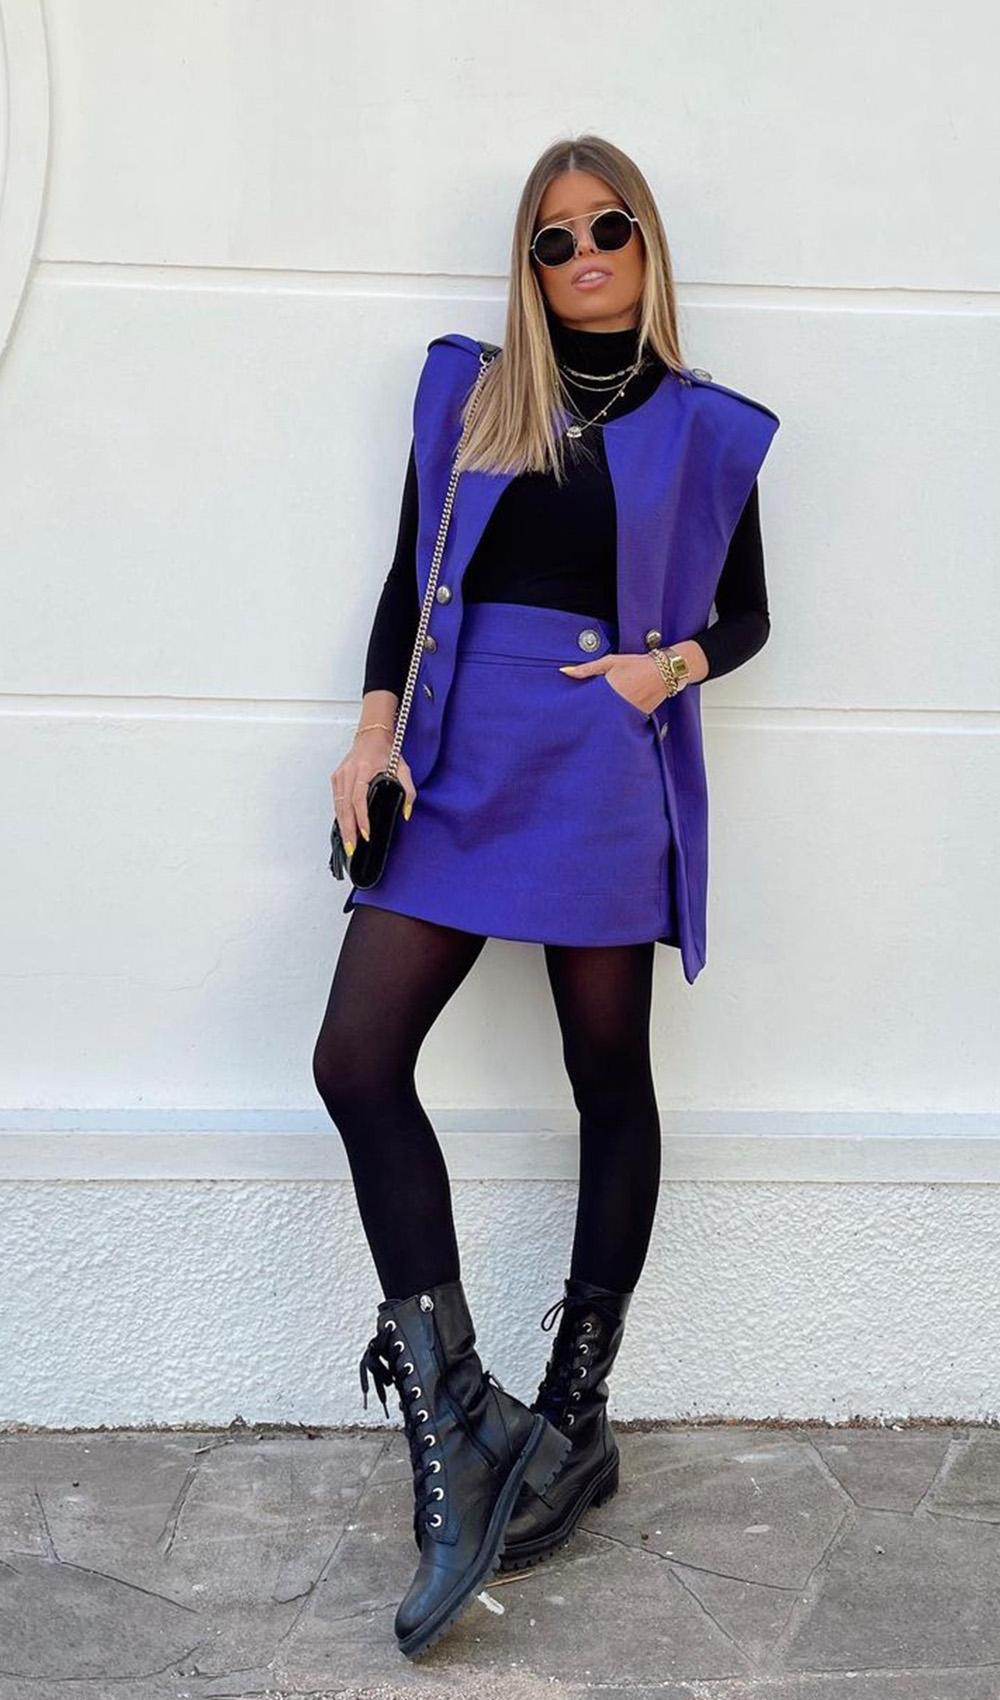 conjuntinho azul com saia e colete, blusa de gola alta e coturno